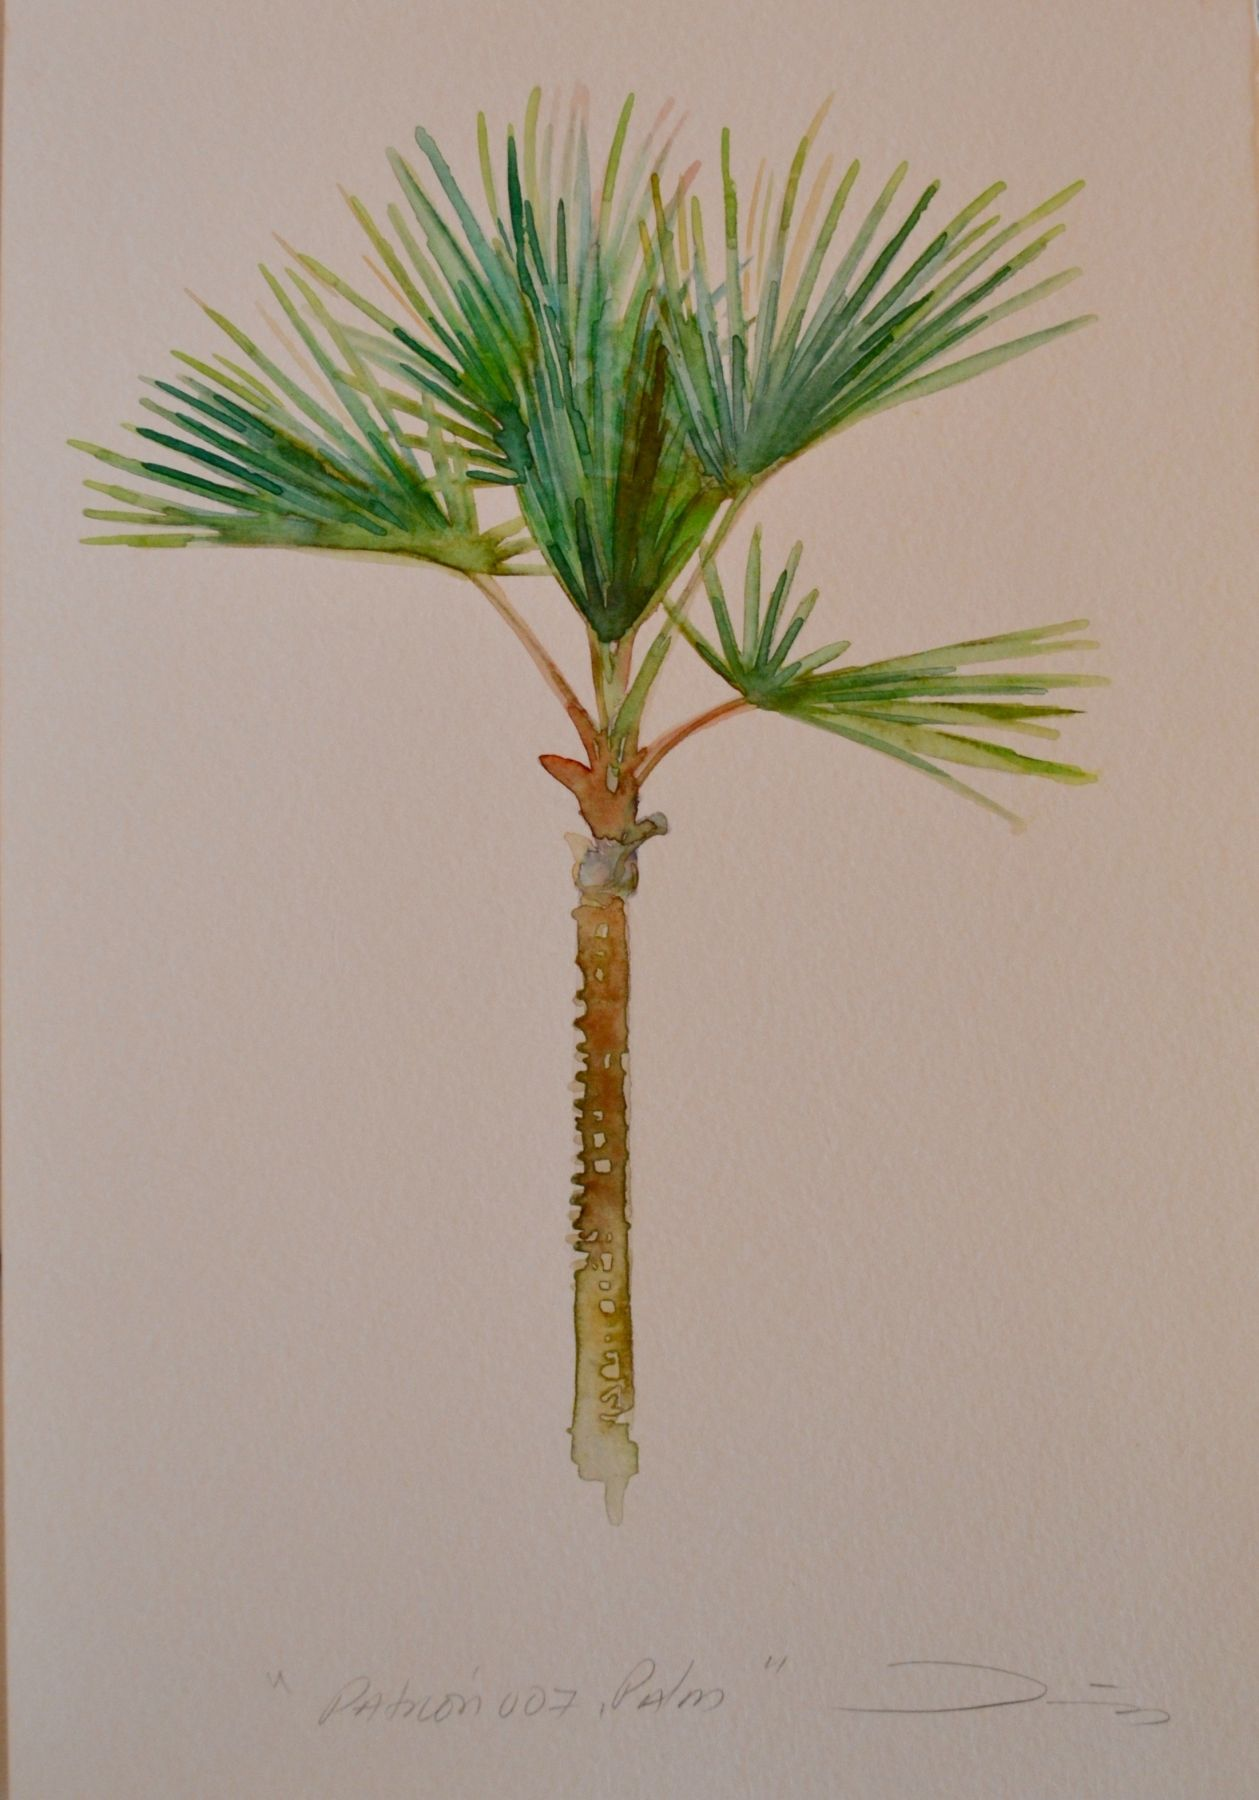 Patrón 007, Palm